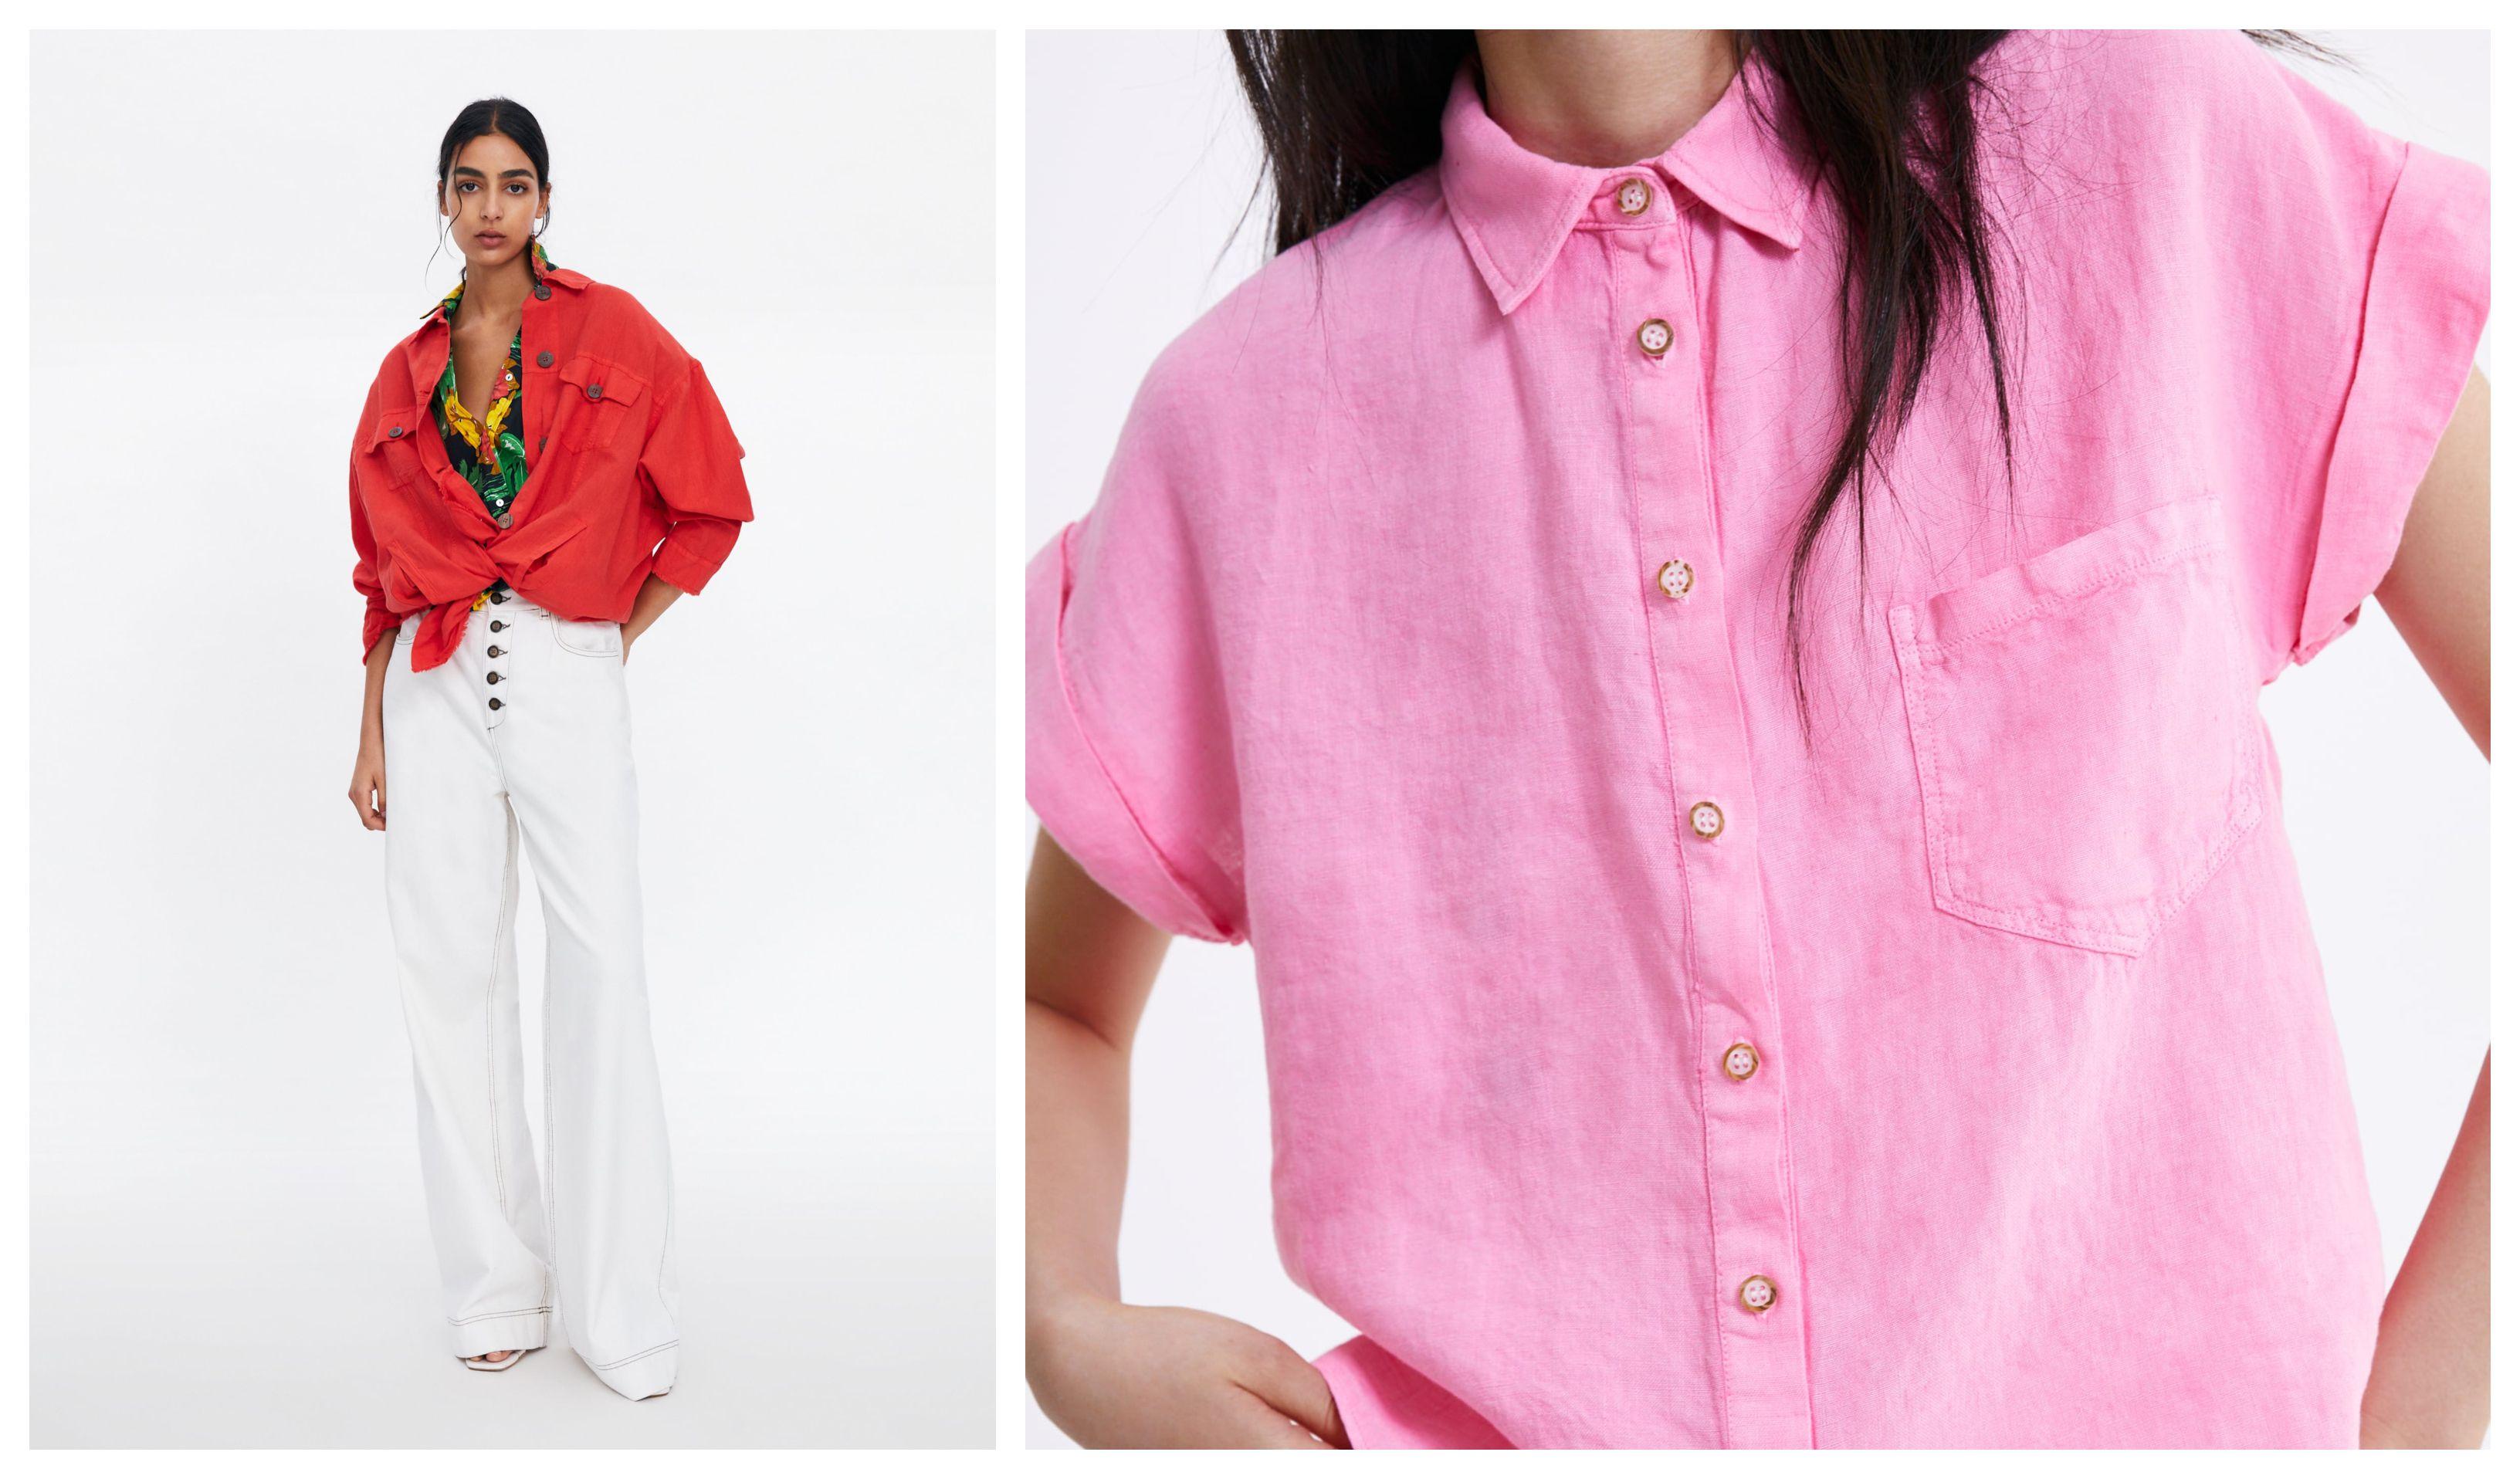 Pripreme za ljeto su krenule, a sve što vam treba je jedna cool lanena košulja